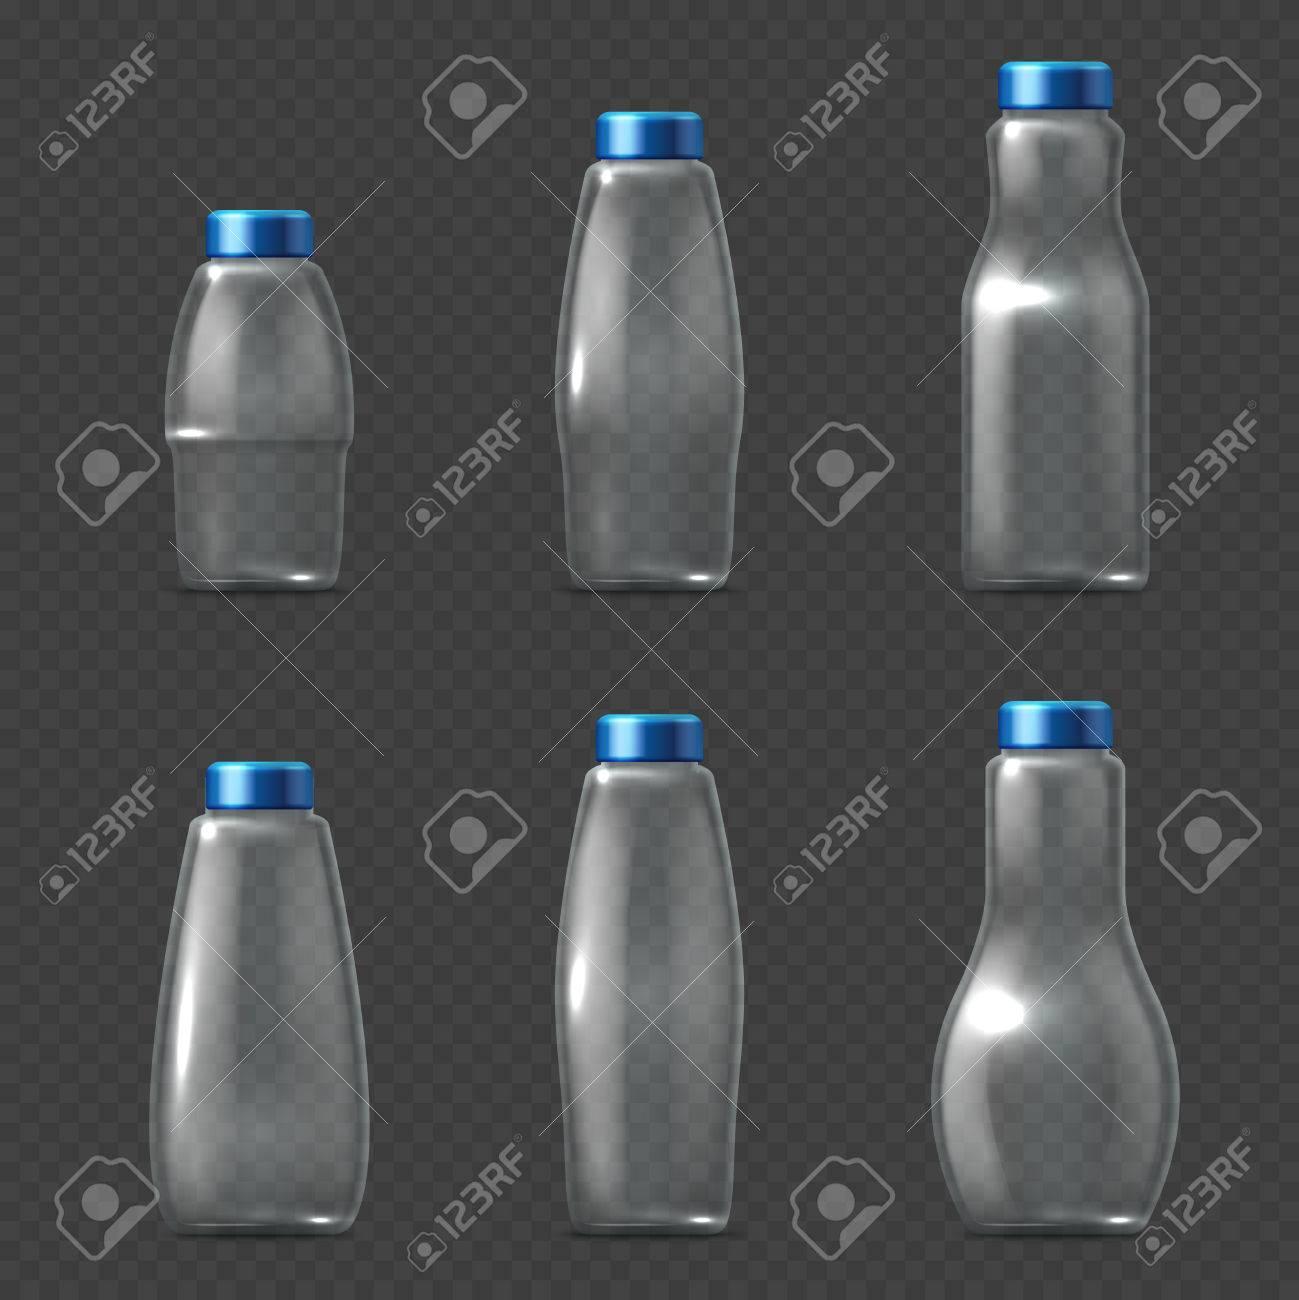 Cristalera Envases Vacos Frgil Transparente Botellas De Vidrio